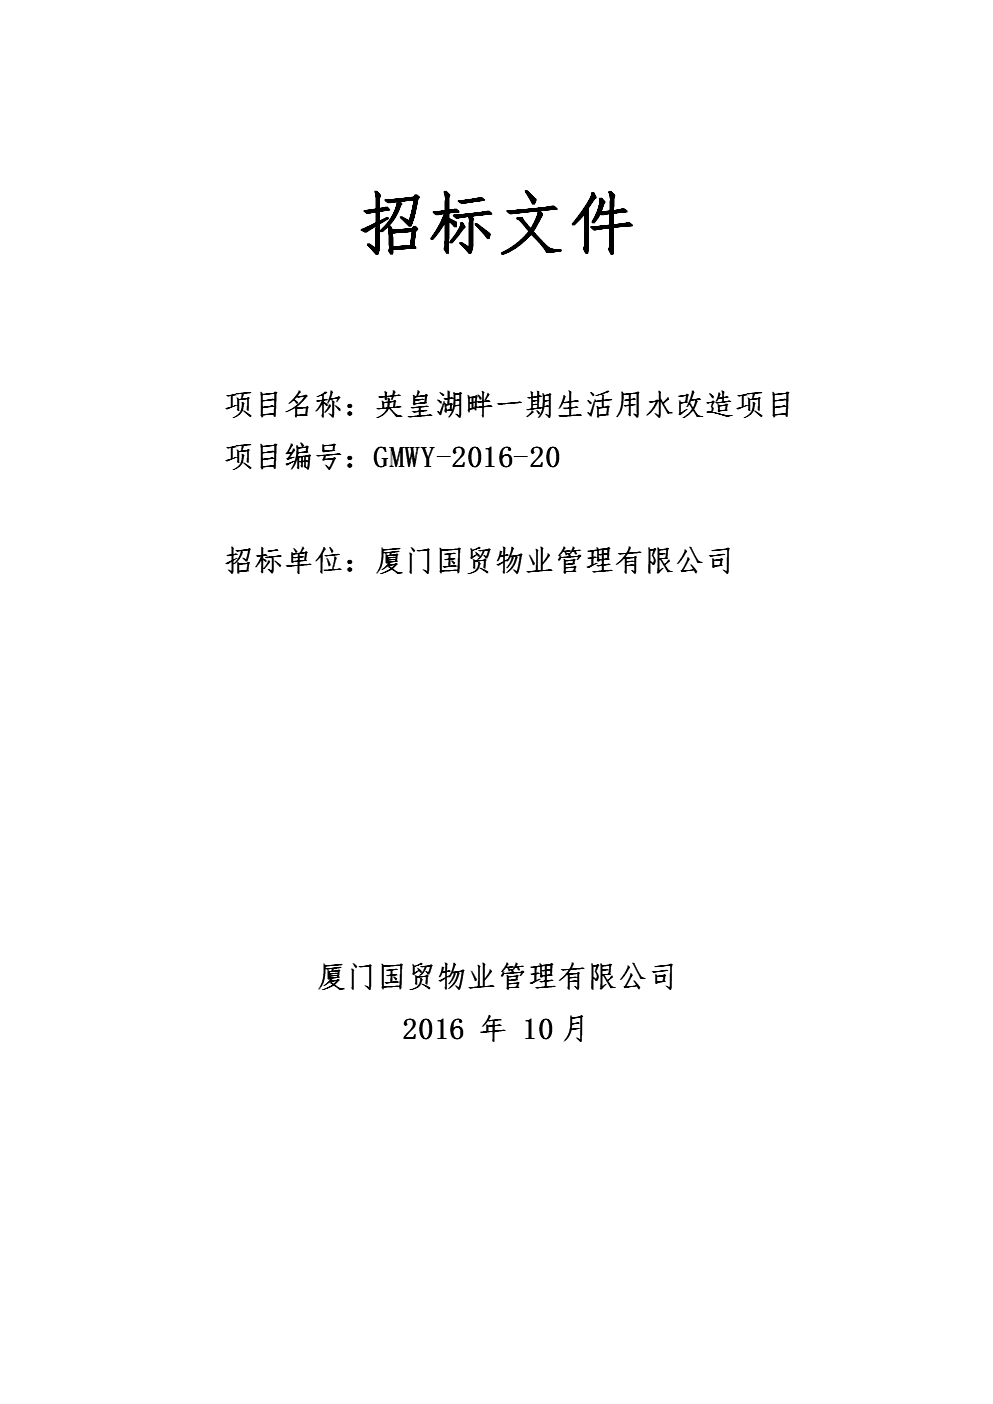 物业招标文件范本_河南正大招标服务有限公司的投标文件范本_招标通知书范本